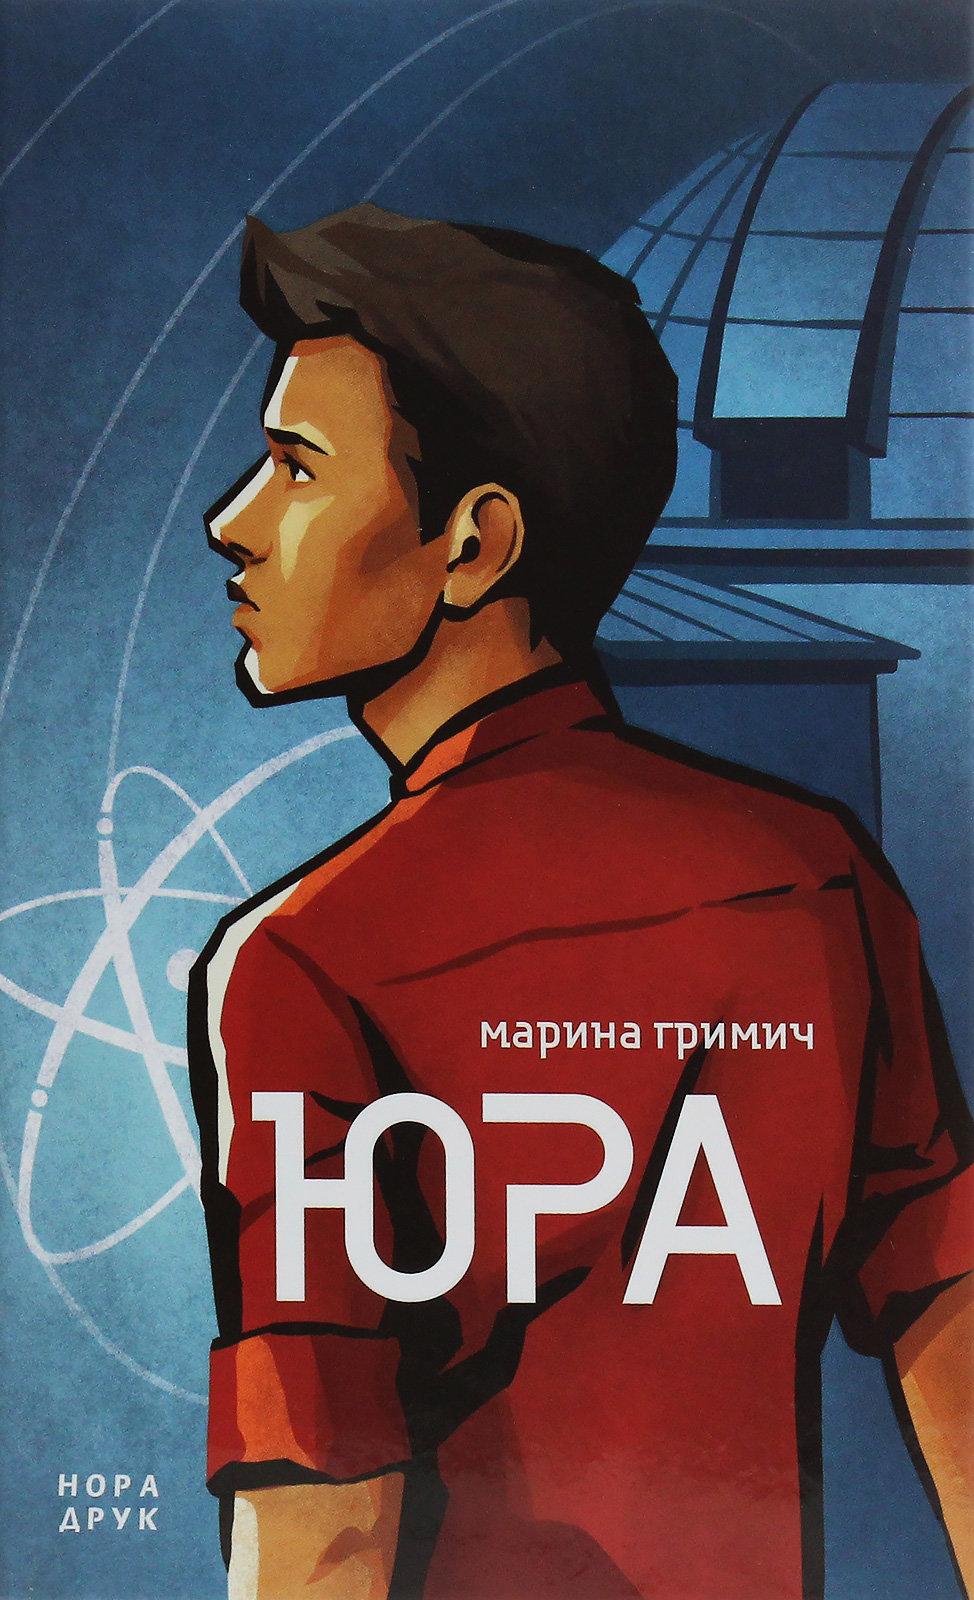 """Днепрянам на заметку: 7 книг украинских писателей, которые """"переворачивают мир с ног на голову"""" , фото-3"""